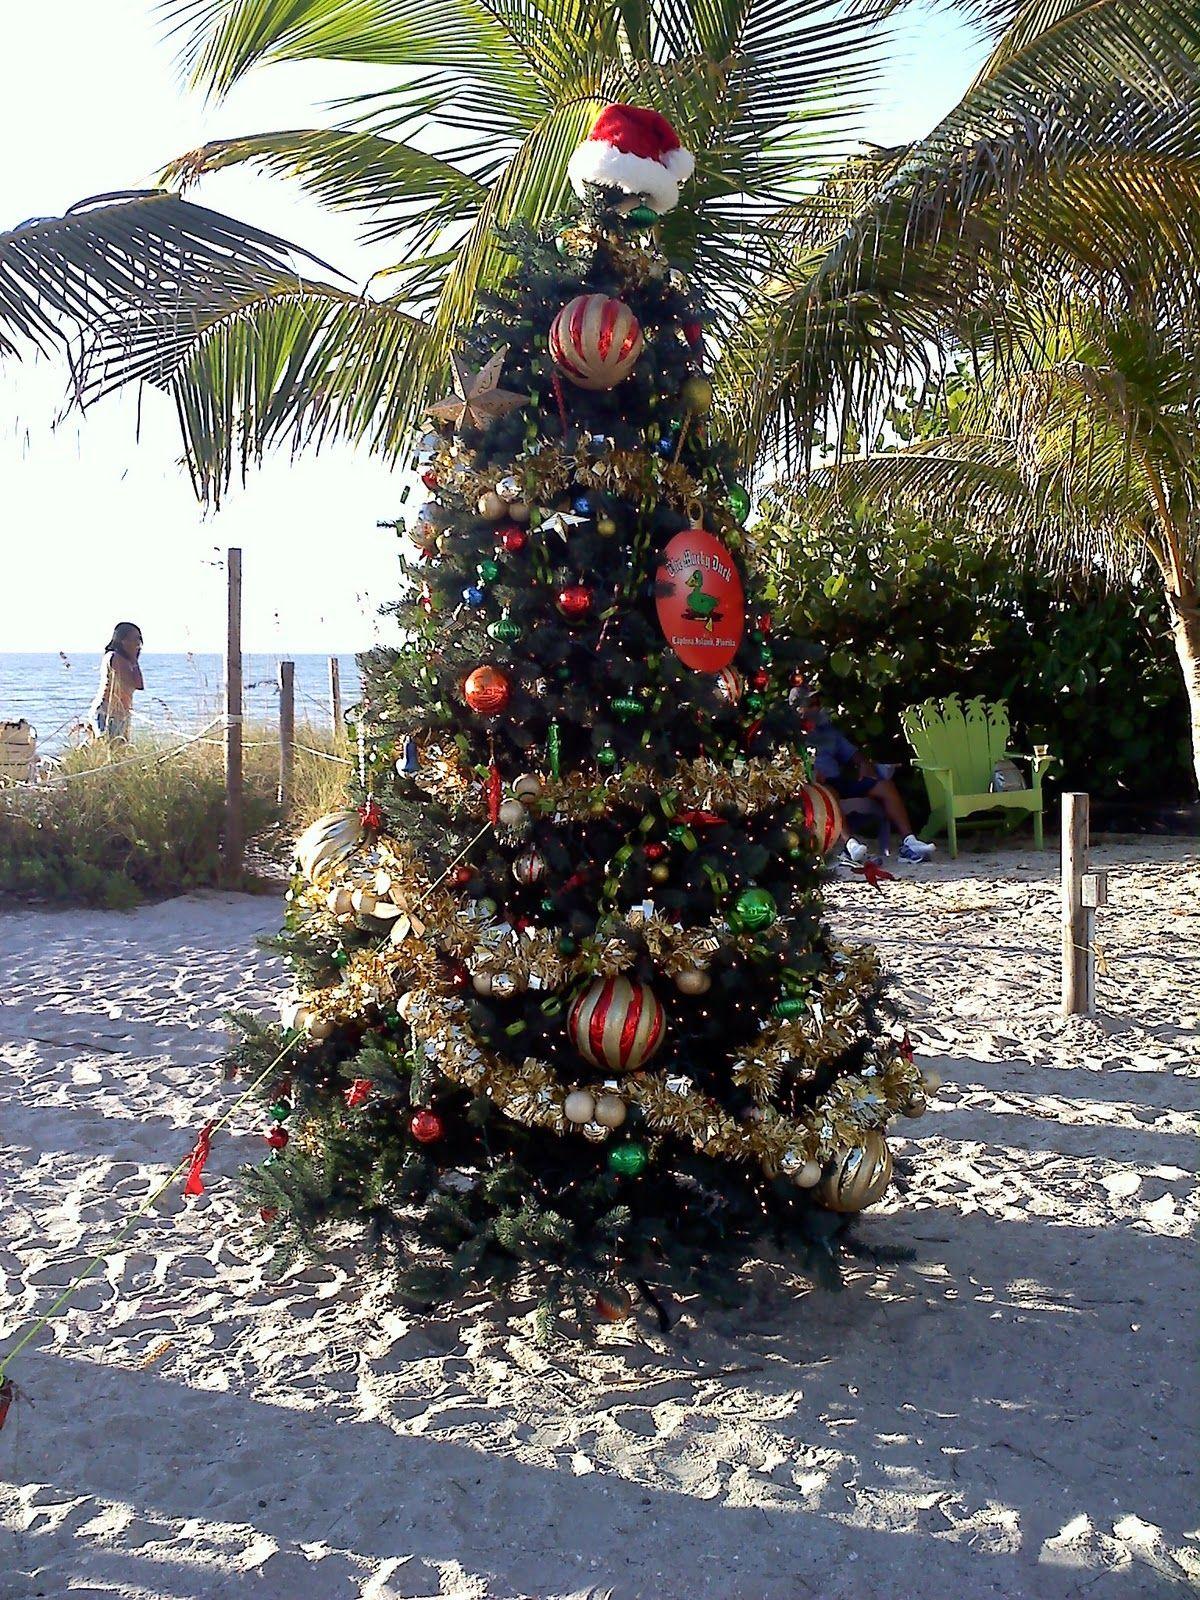 Christmas With Amy More Signs Of Christmas On The Beach Beach Christmas Beachy Christmas Tree Beach Christmas Trees